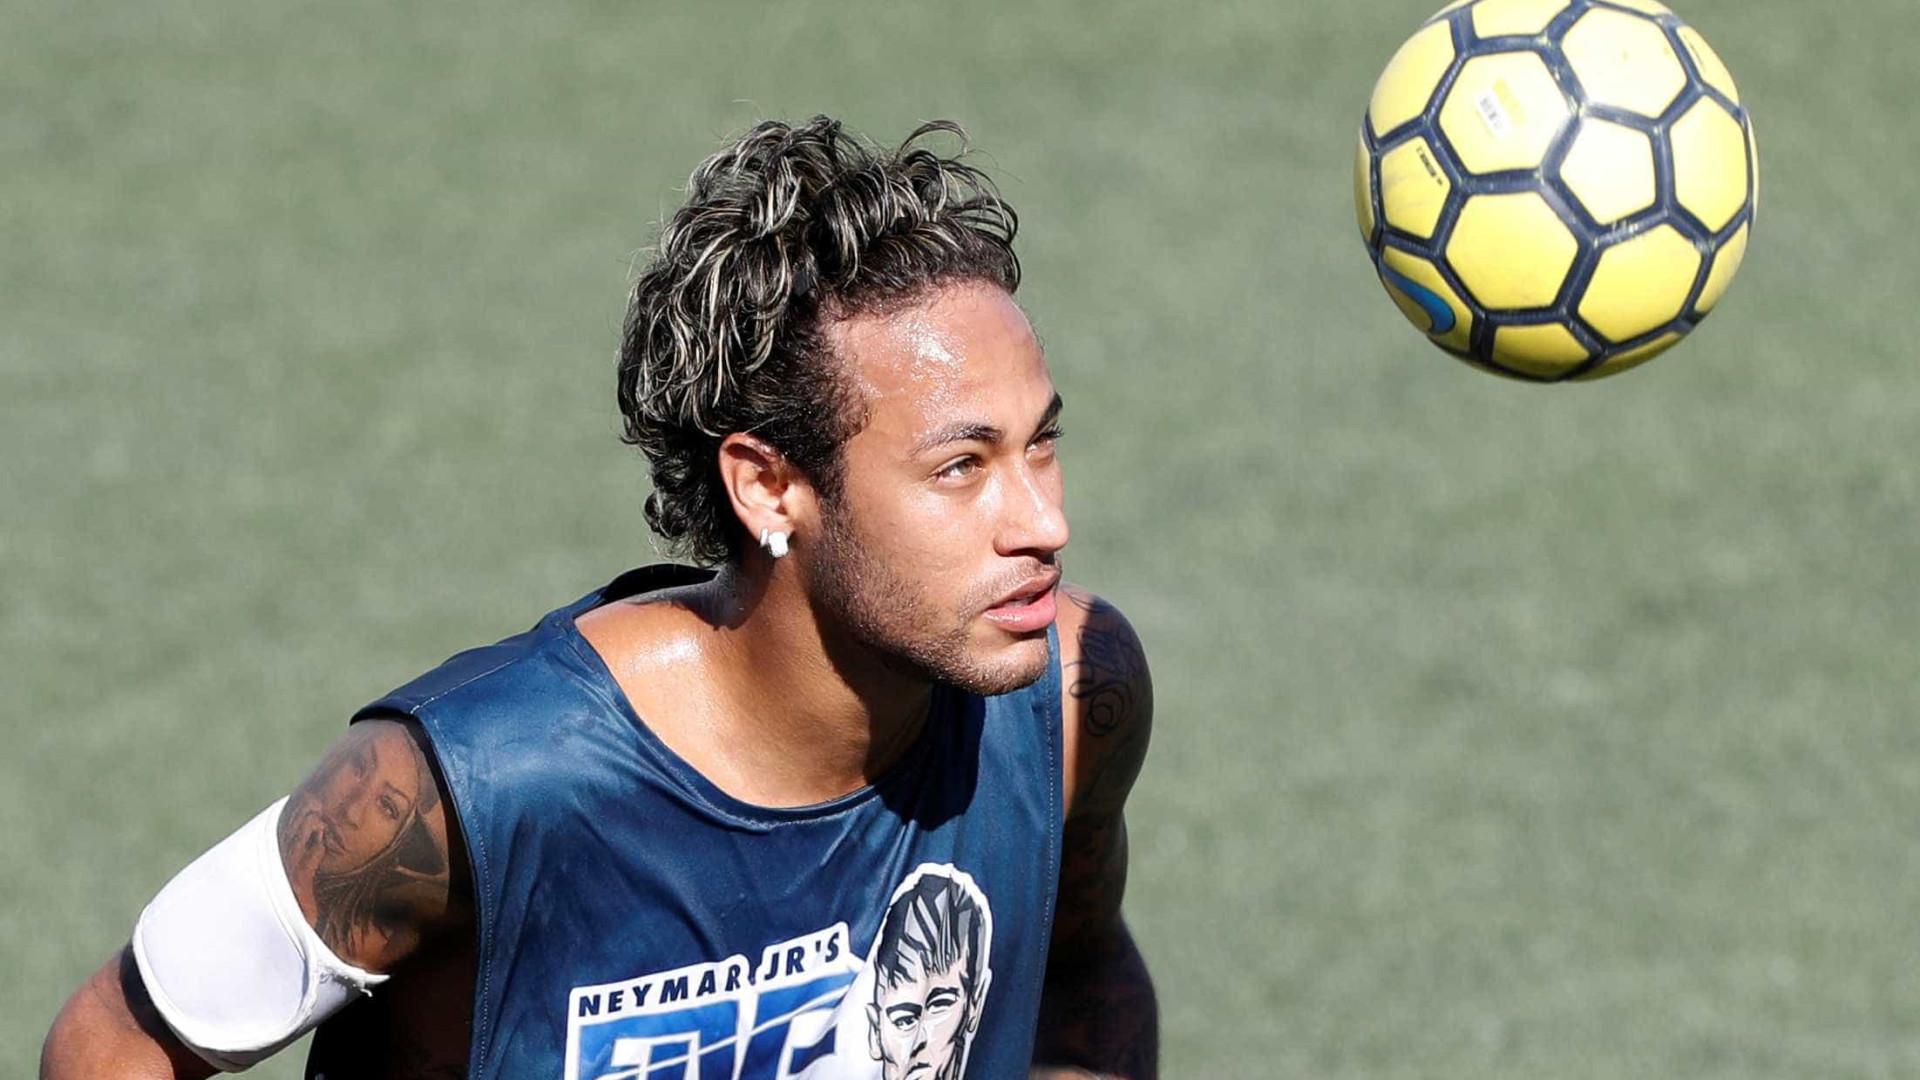 Neymar já teria aceitado a proposta do PSG, segundo jornal francês